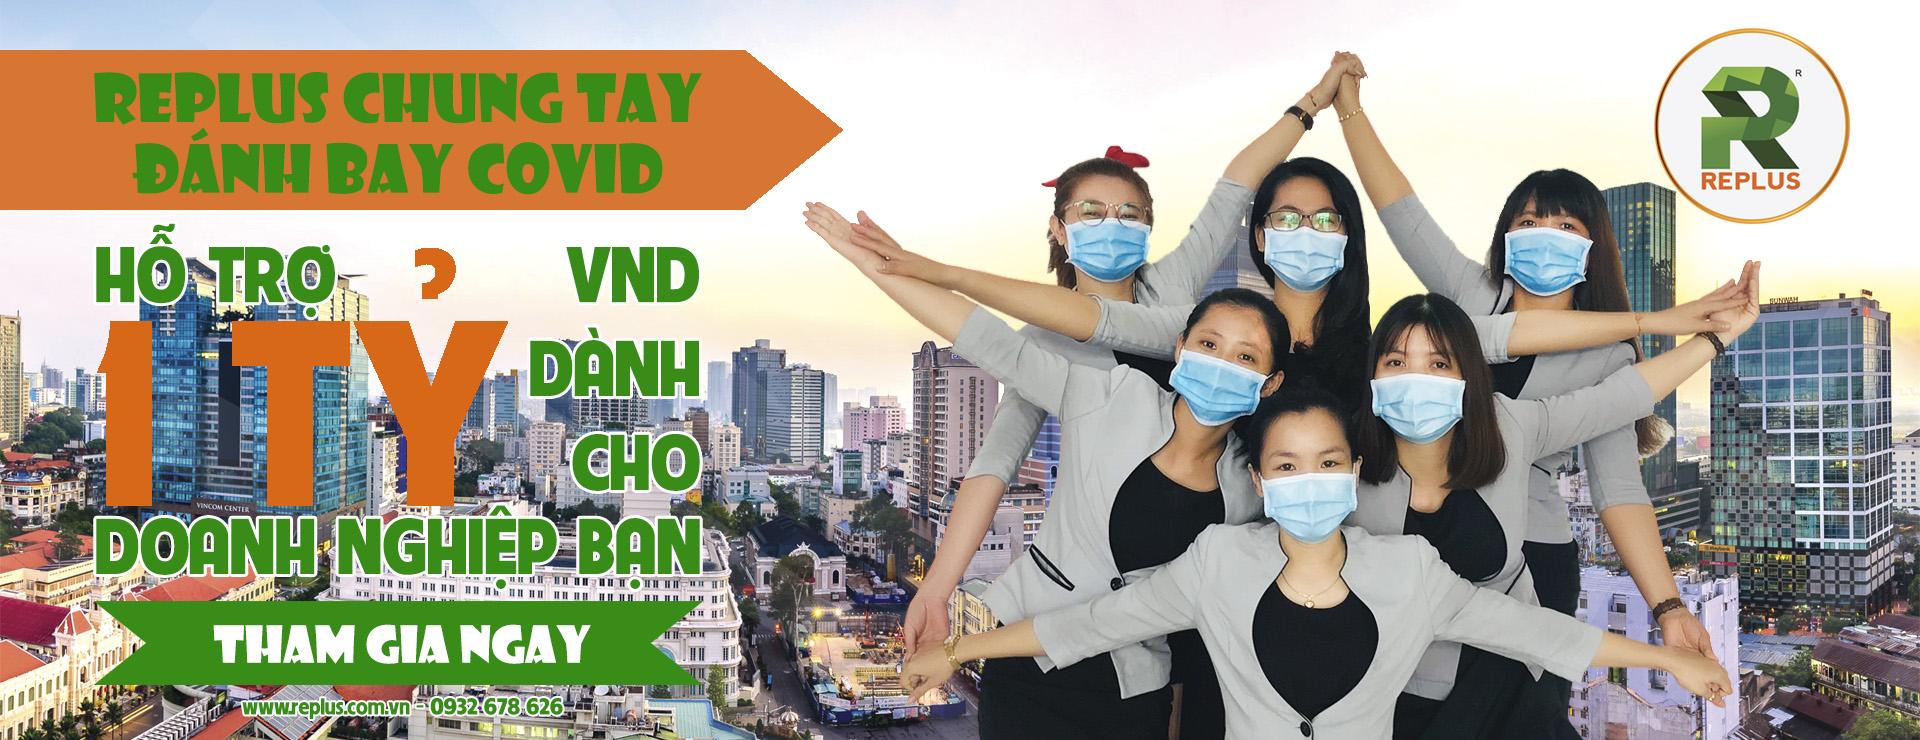 replus.com.vn-chung-tay-danh-bay-covid-khuyen-mai-1ty-2020